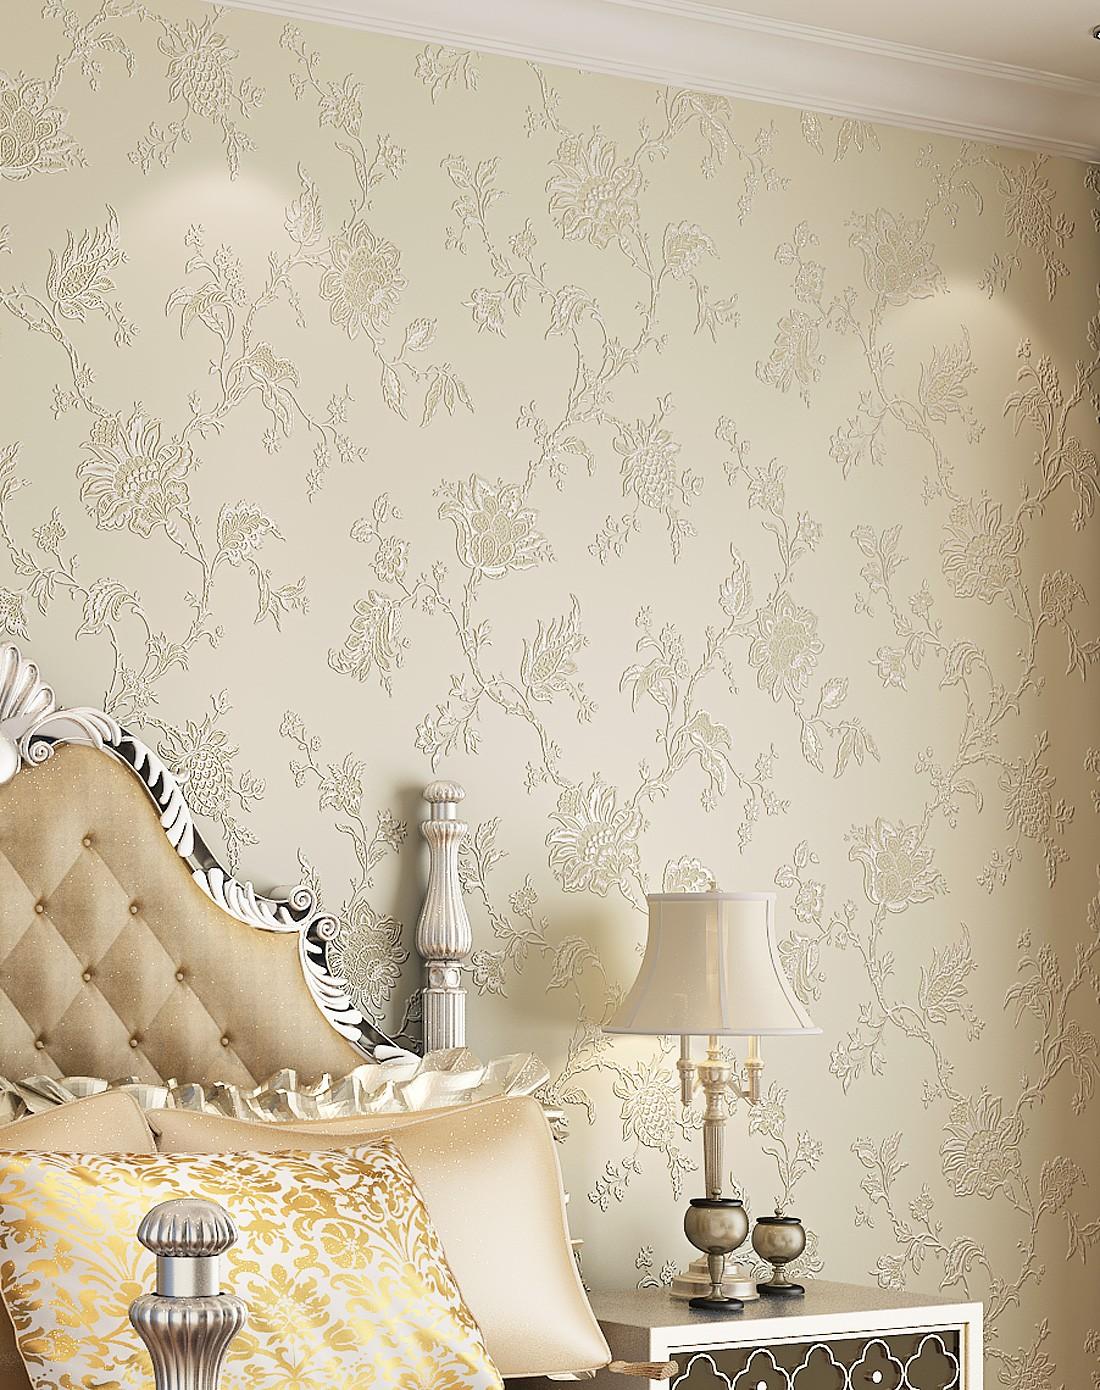 纸尚美学墙纸专场象牙白3d浮雕欧式简约风格立体壁纸